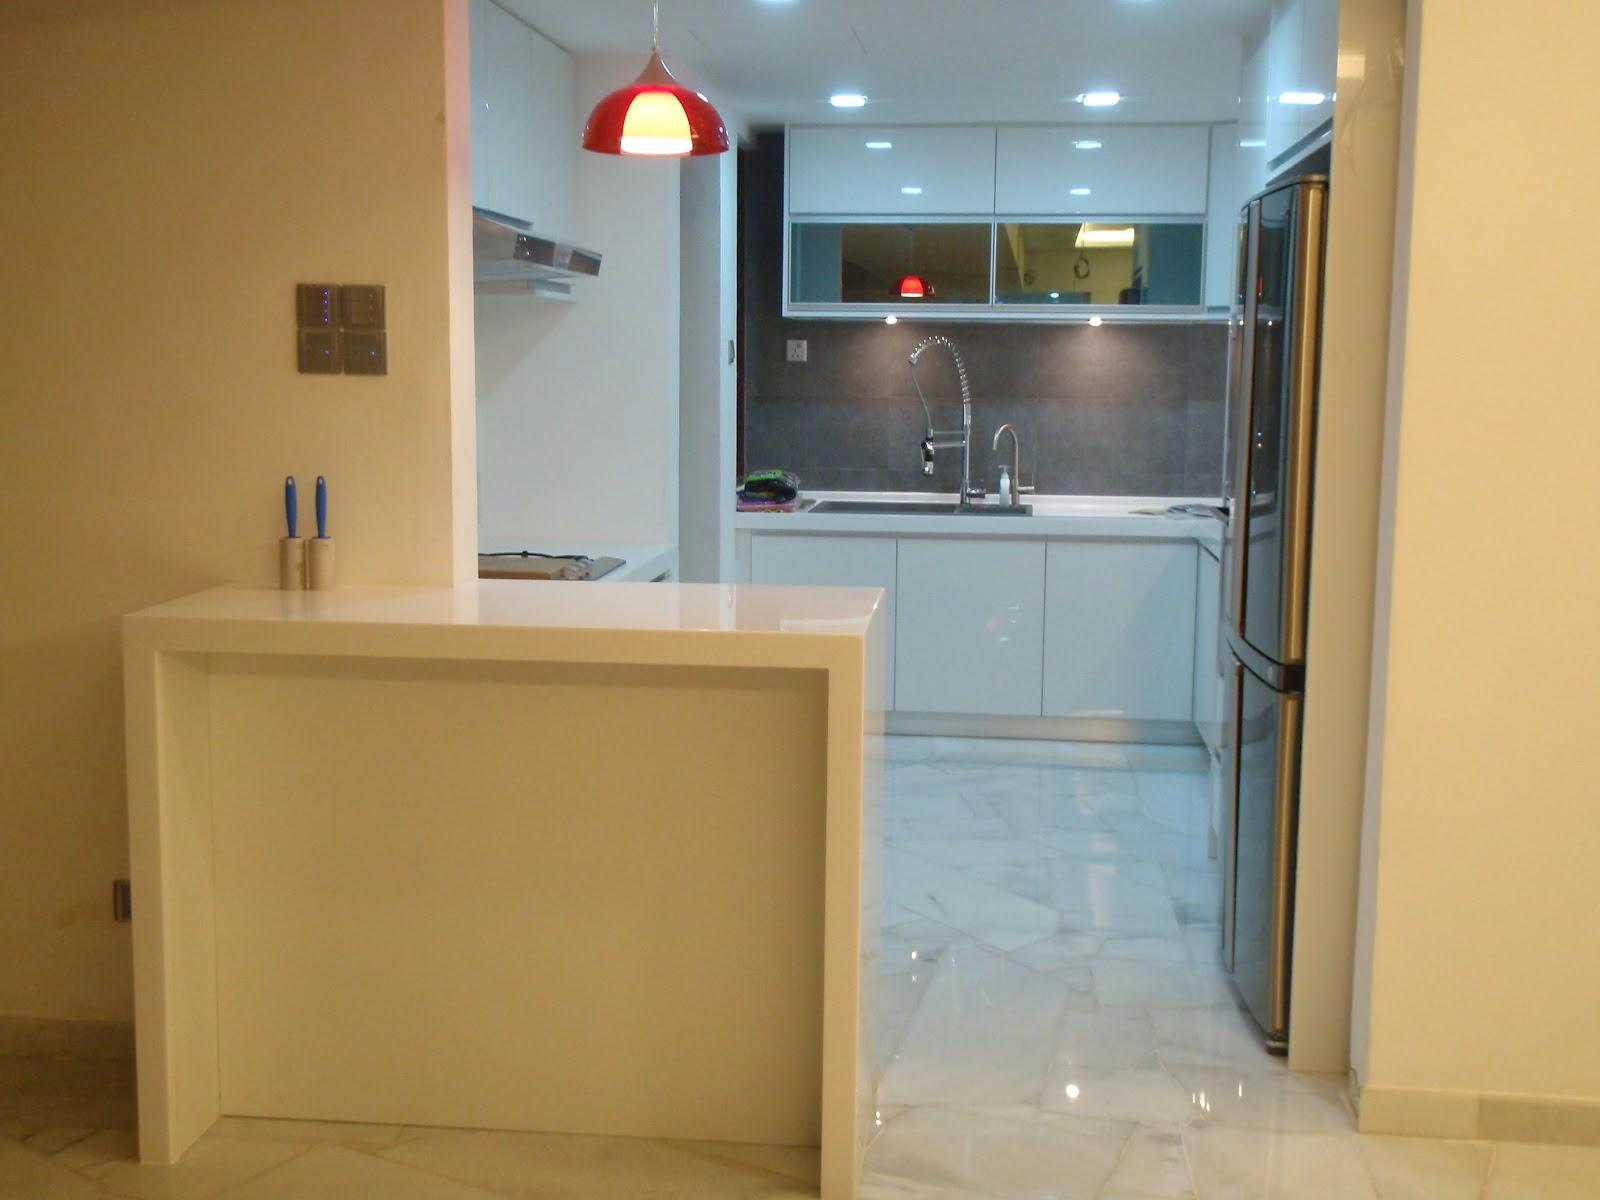 CABINO DESIGN™: Dry Kitchen @ Sri Duta 1